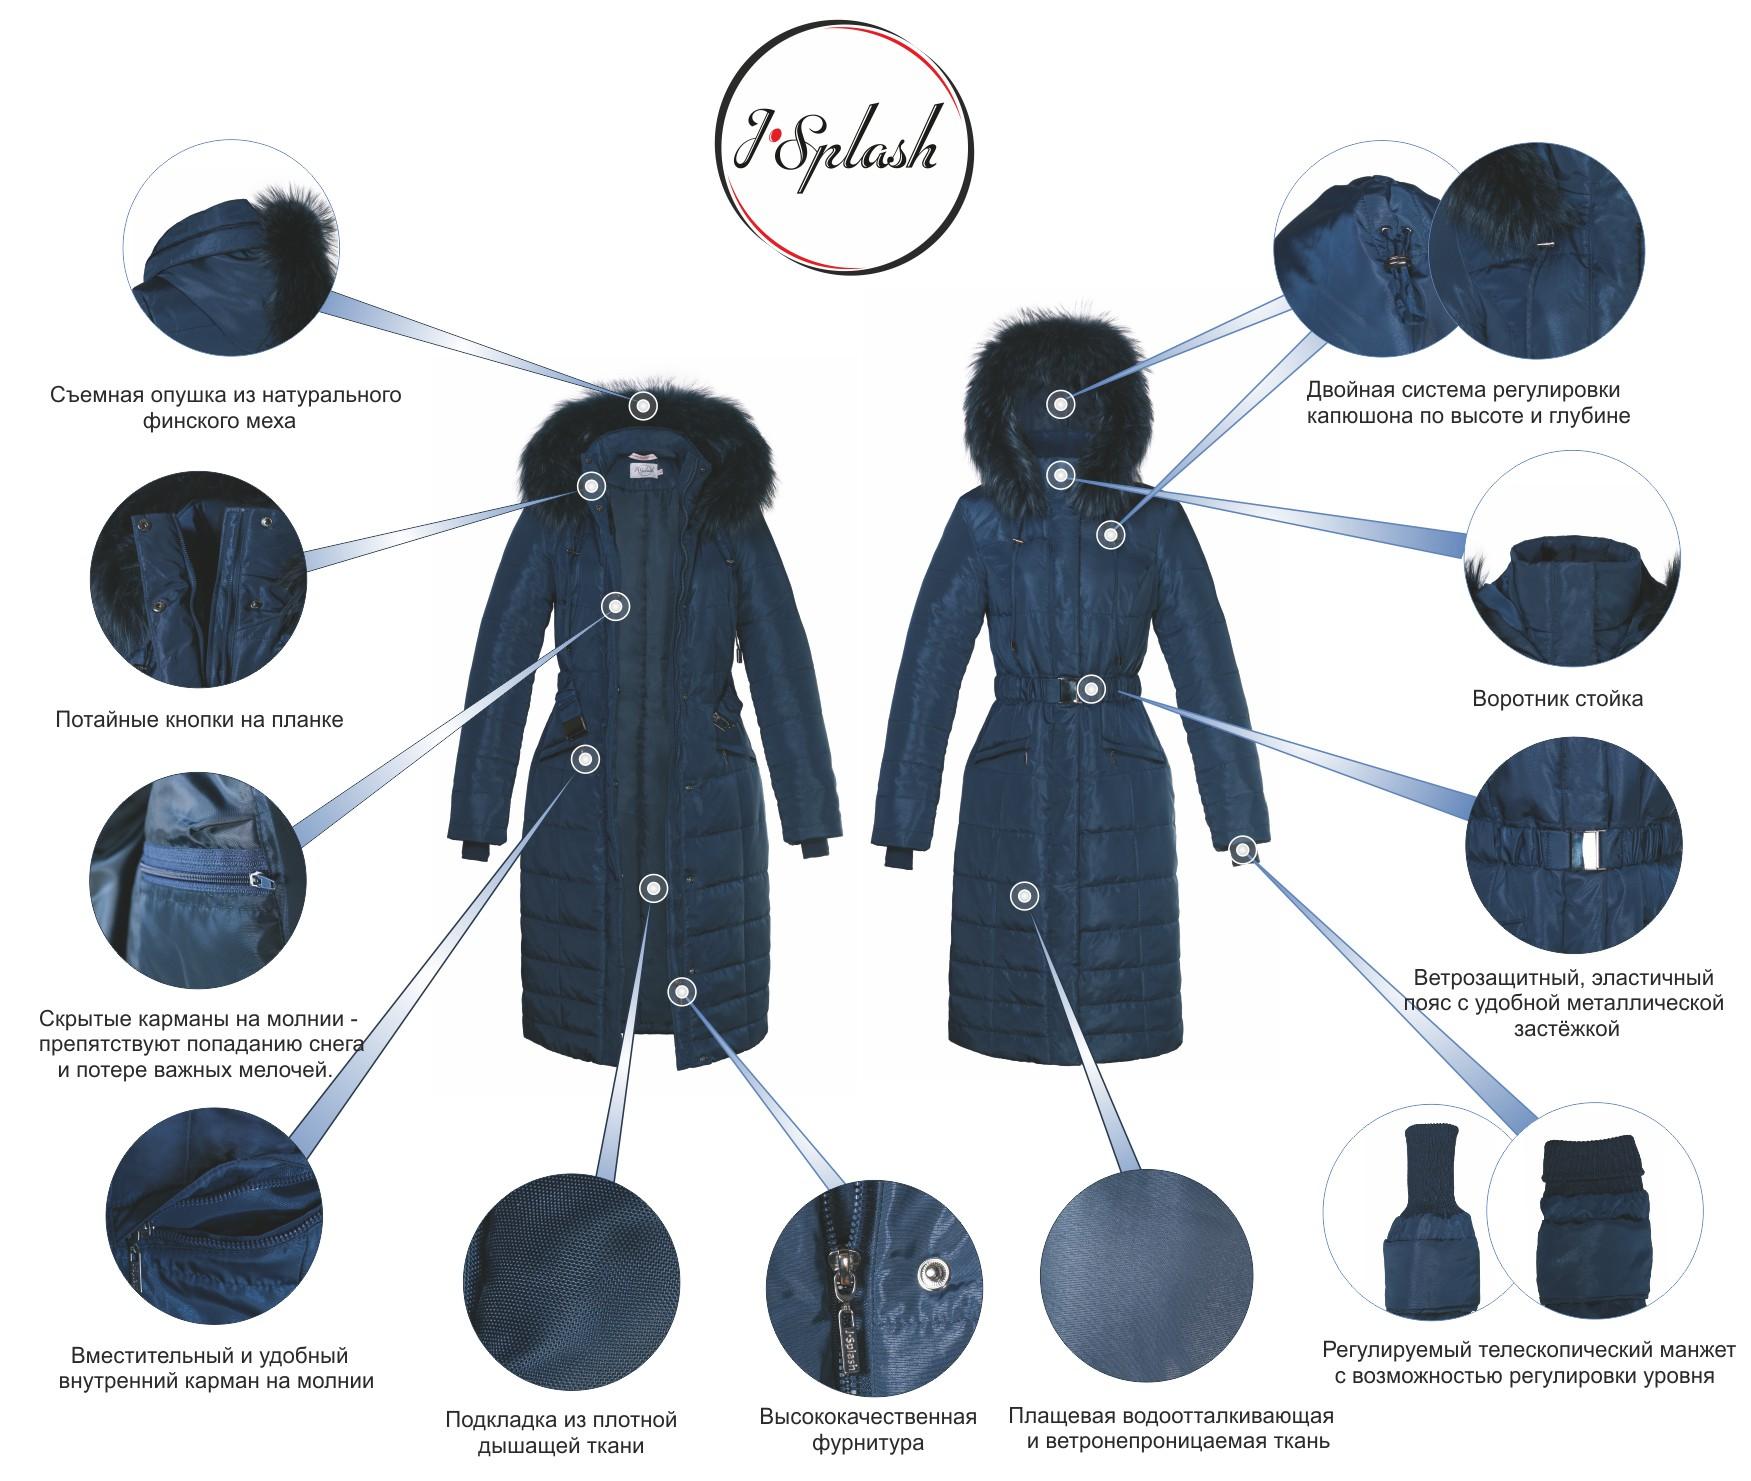 Производство верхней одежды